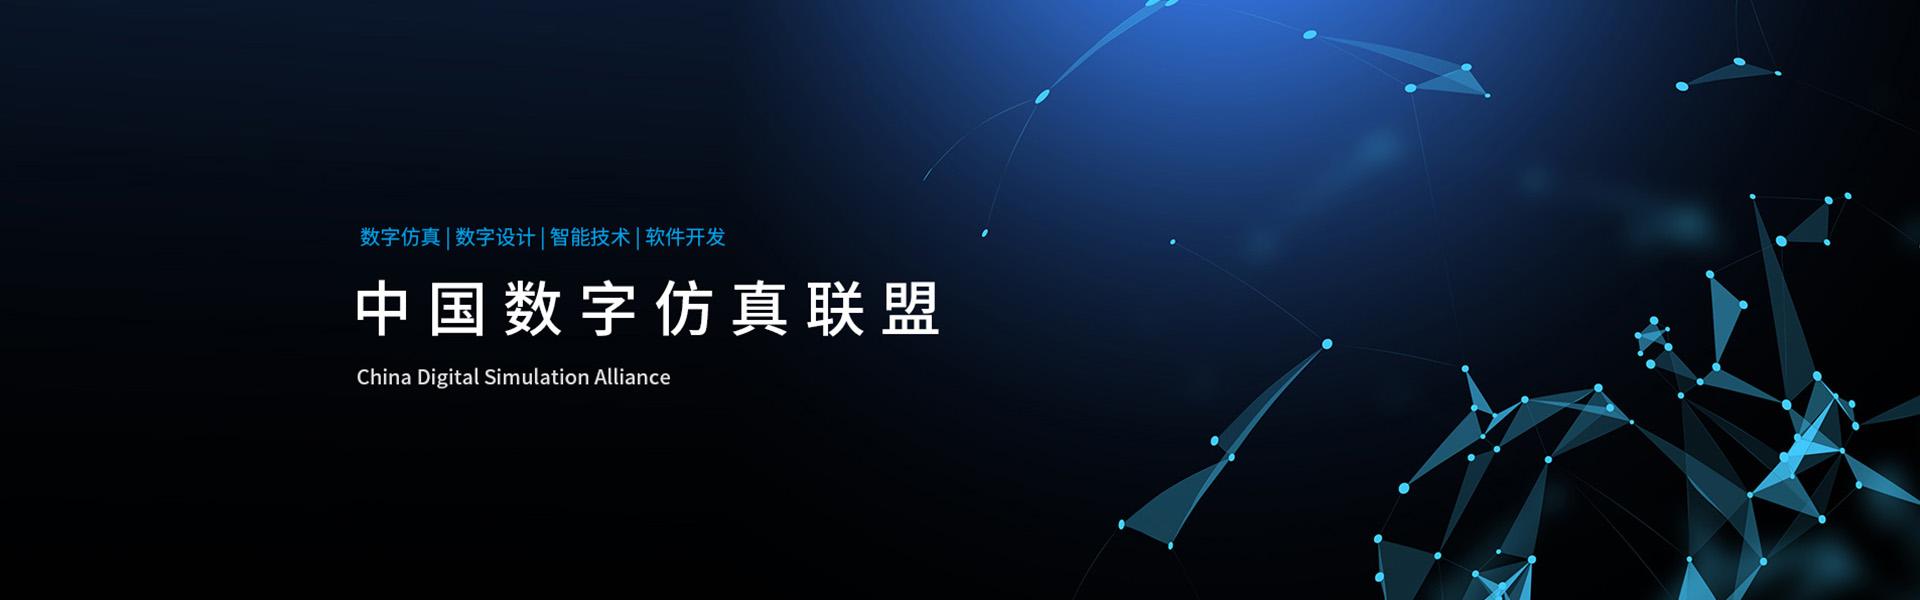 中國數字仿真聯盟